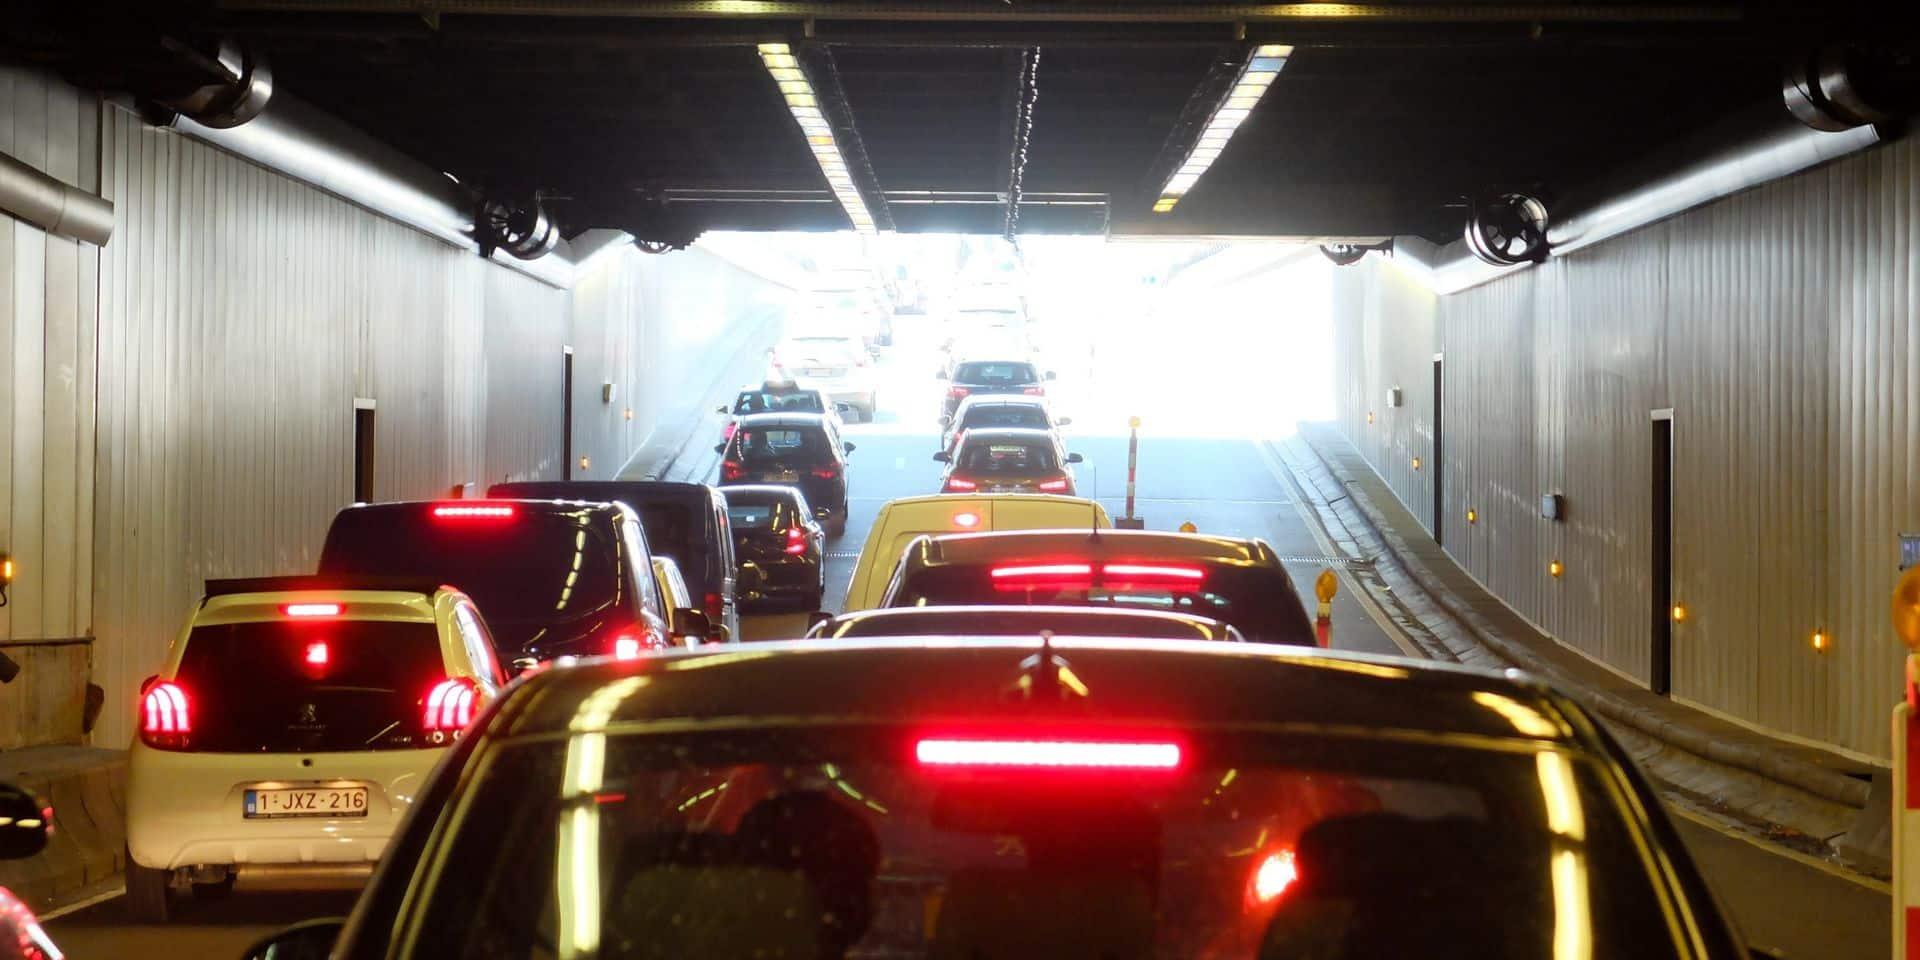 Les tunnels Botanique, Trône, Bailli, Loi et Montgomery rouvrent : le problème a été résolu